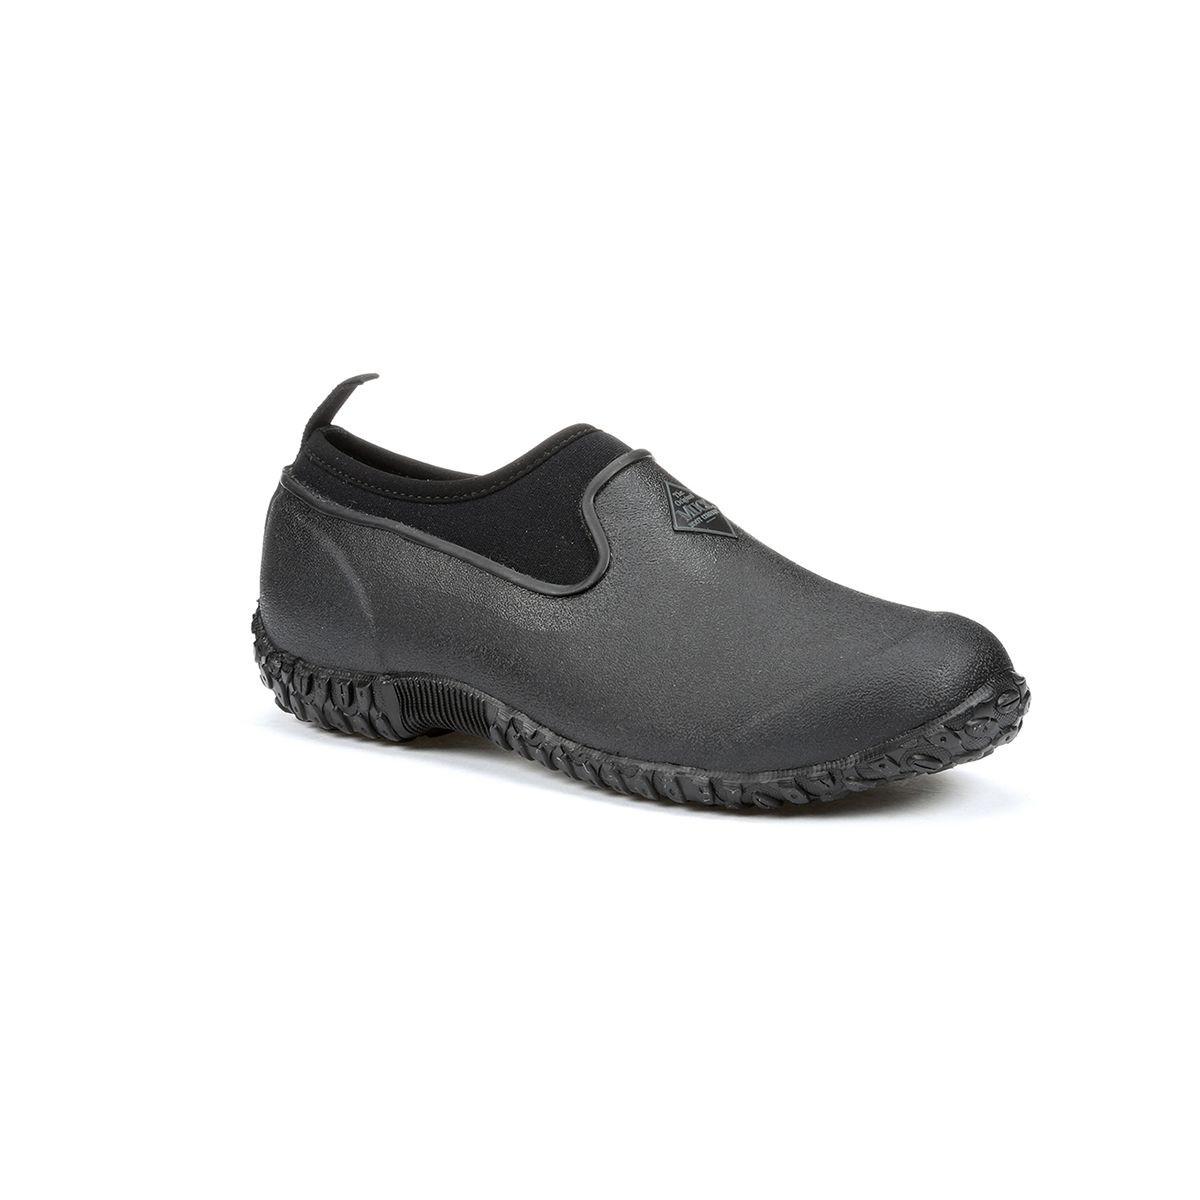 0a705126dd04 Muck Boots Women s Muckster II Low - Black - Chaar